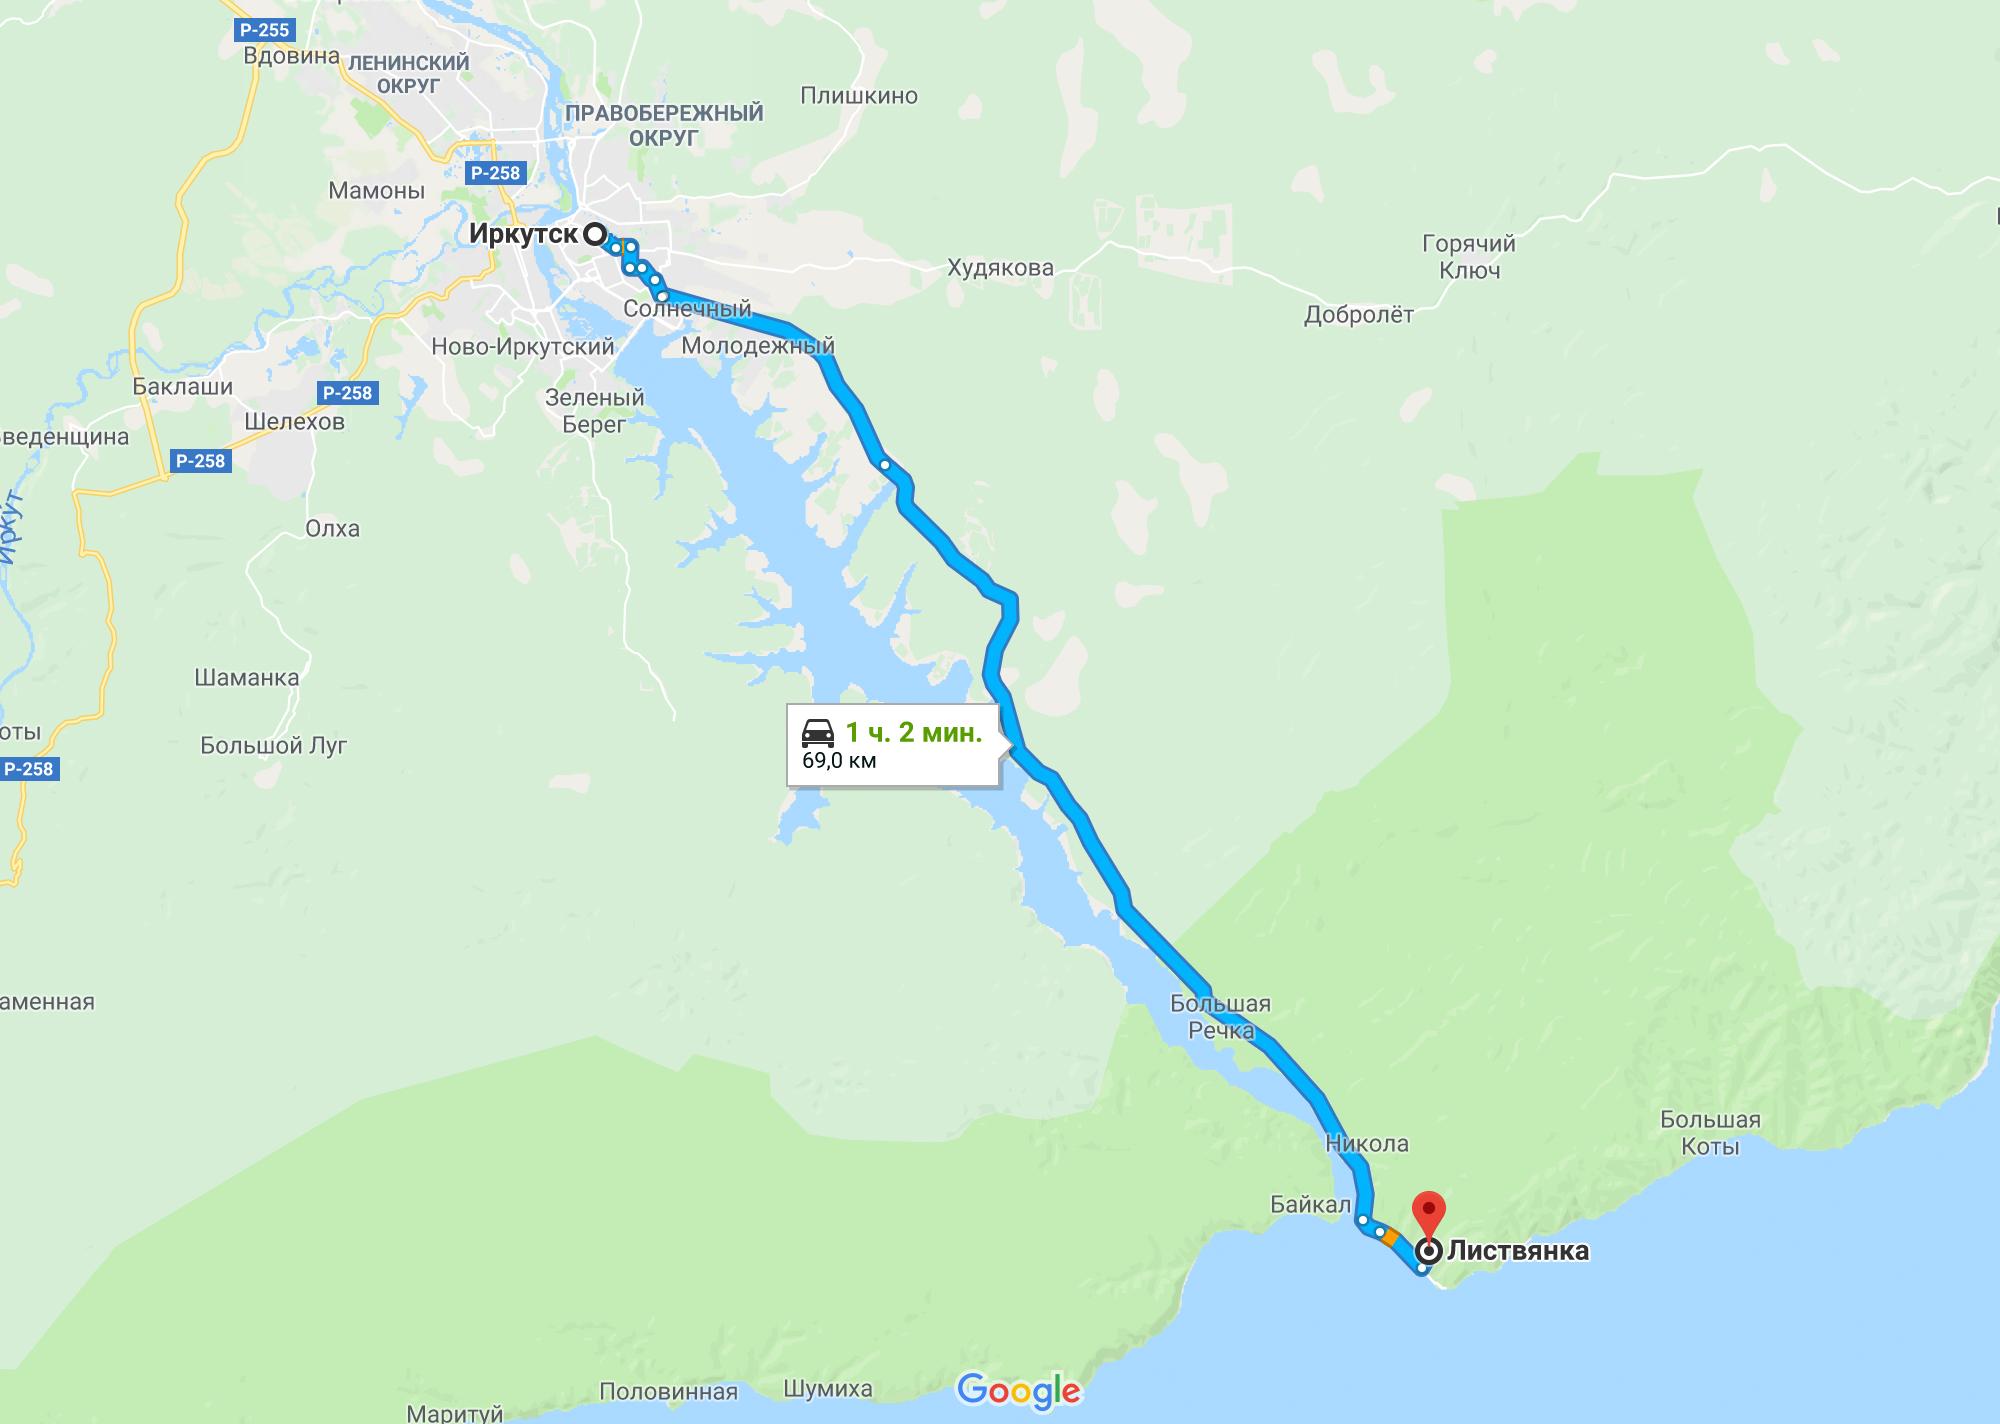 На машине из Иркутска до Листвянки ехать час-полтора